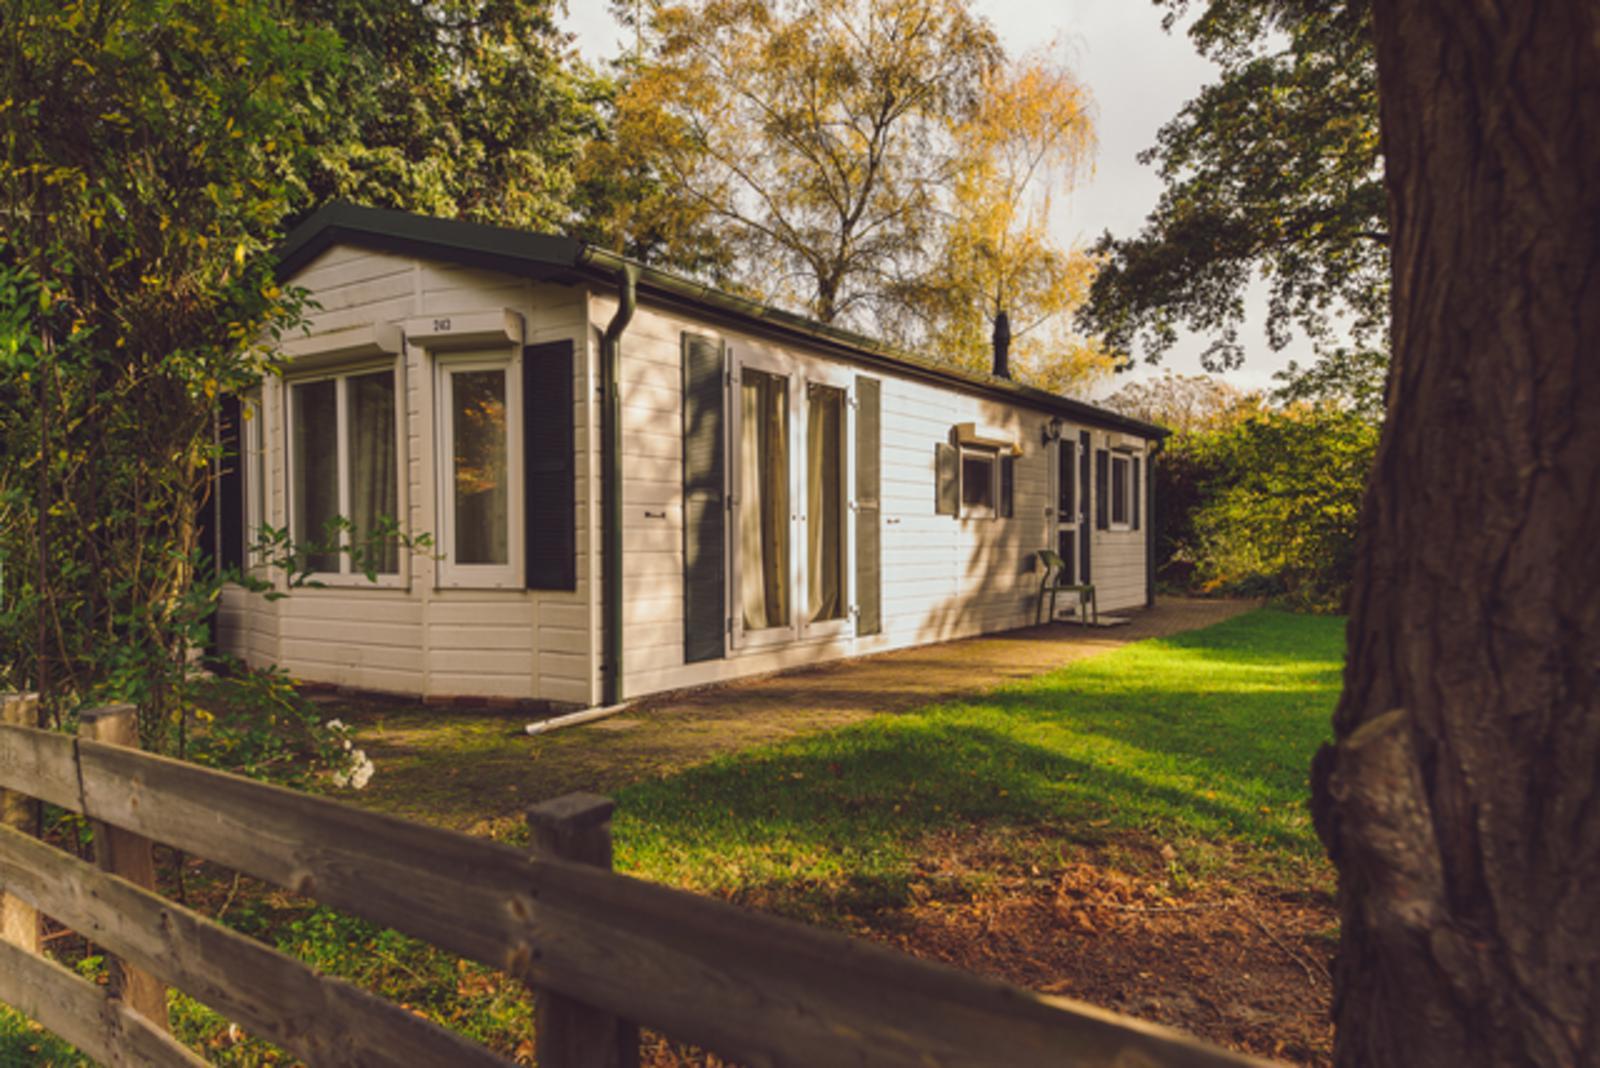 Vakantiepark Mölke Chalet 4 personen Zuna Overijssel